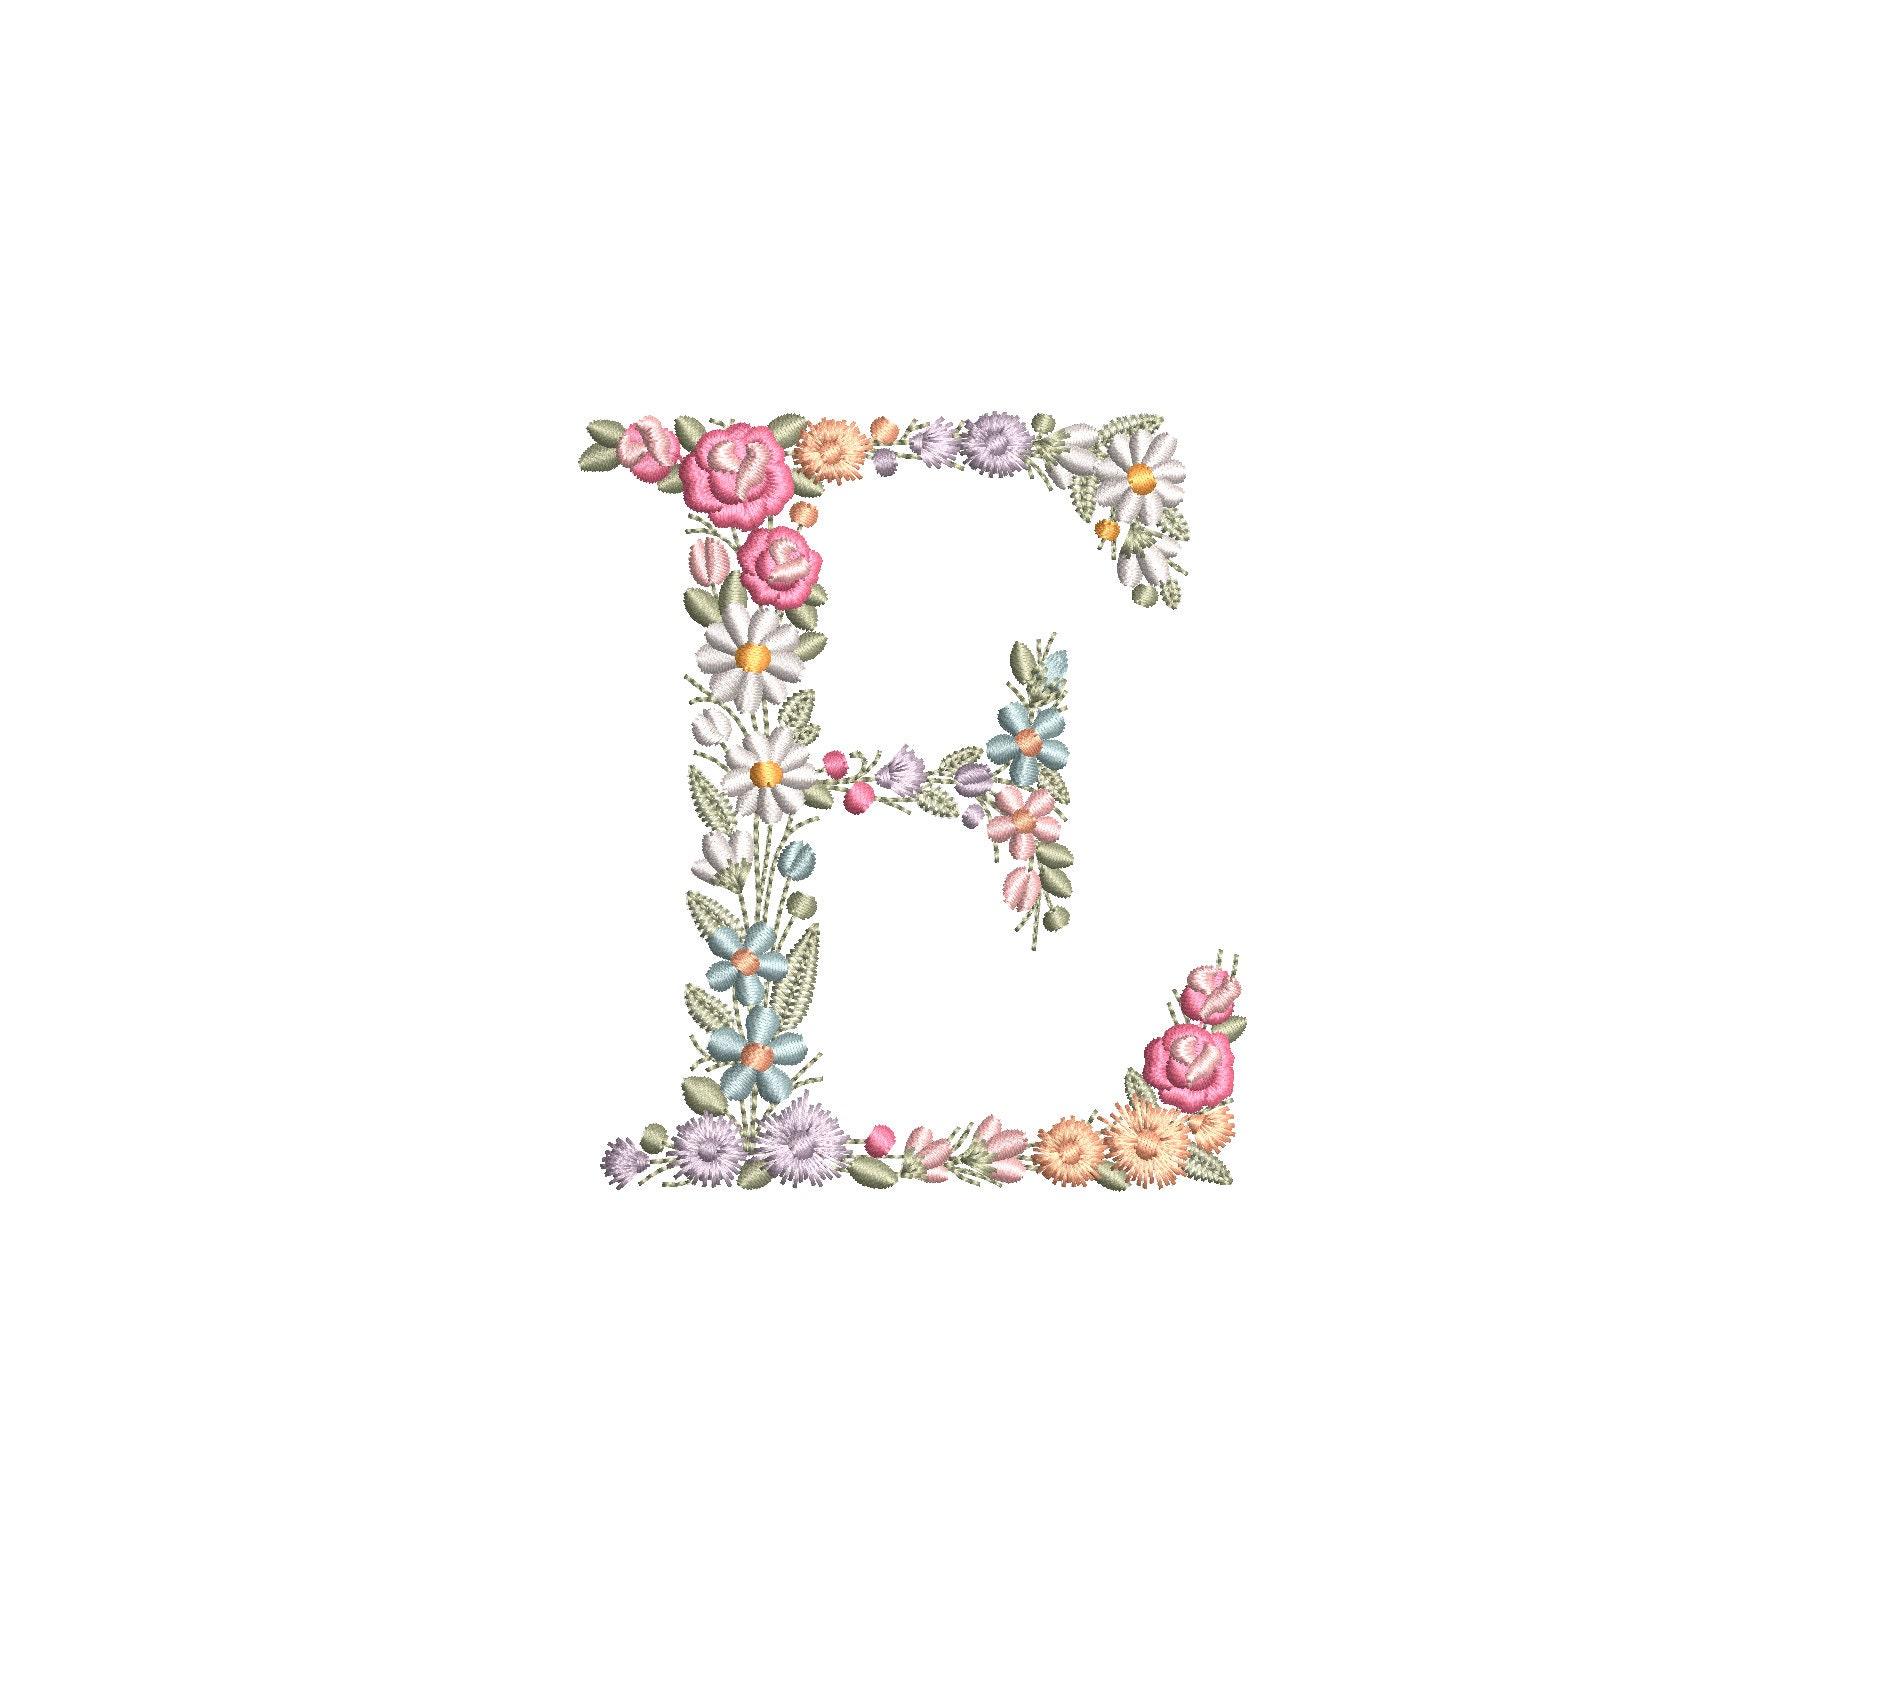 E monogram Embroidery design letter E beautiful alphabet Font E embroidery Letter E embroidery Fancy Vine Embroidery wedding letter #28